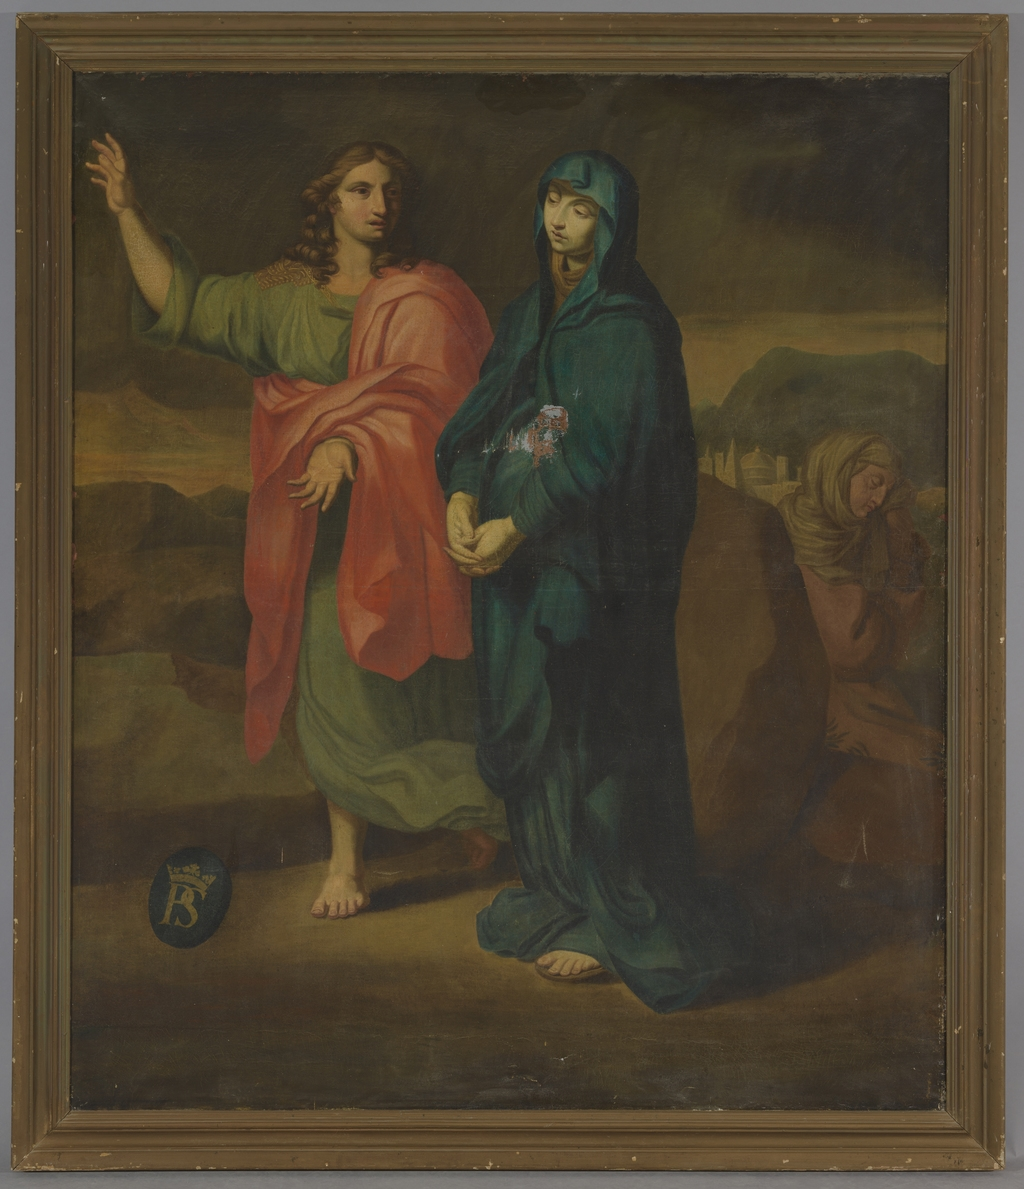 La Vierge et saint Jean